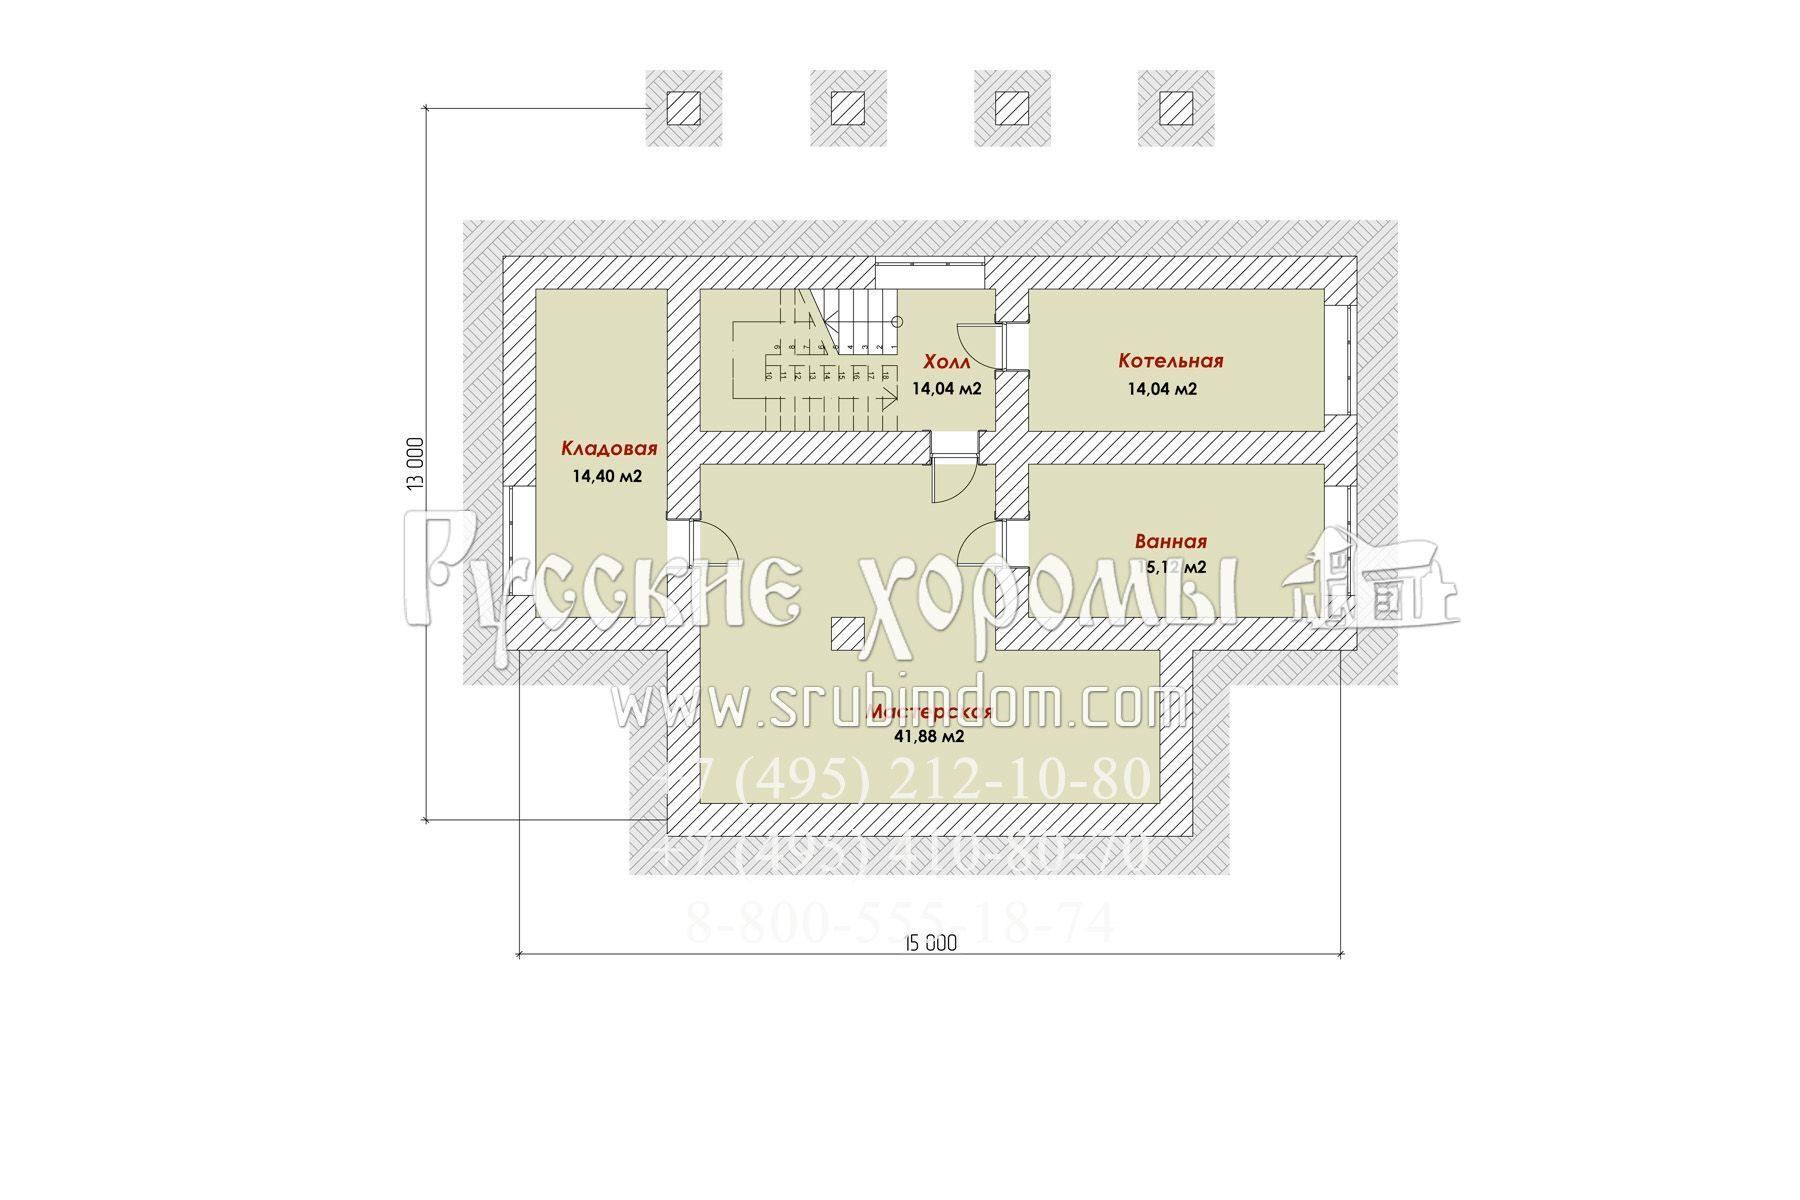 Проект дома с цоколем  - рубленный дом 450 мм Лукоморье